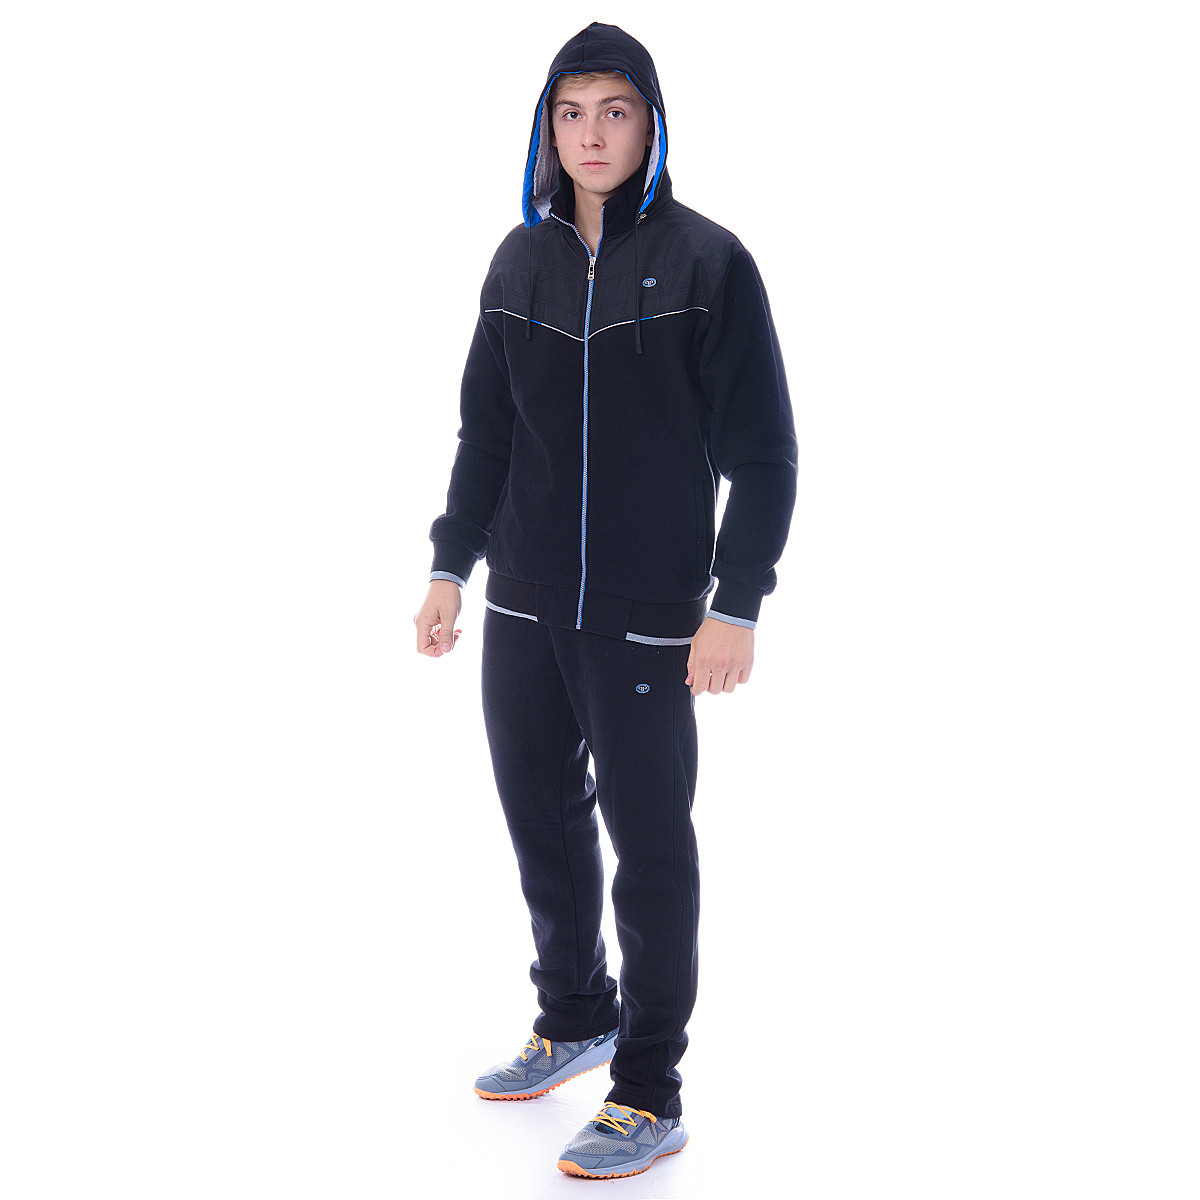 248d5866ee09 Мужской теплый спортивный костюм с капюшоном пр-во Турция Piyera 5039